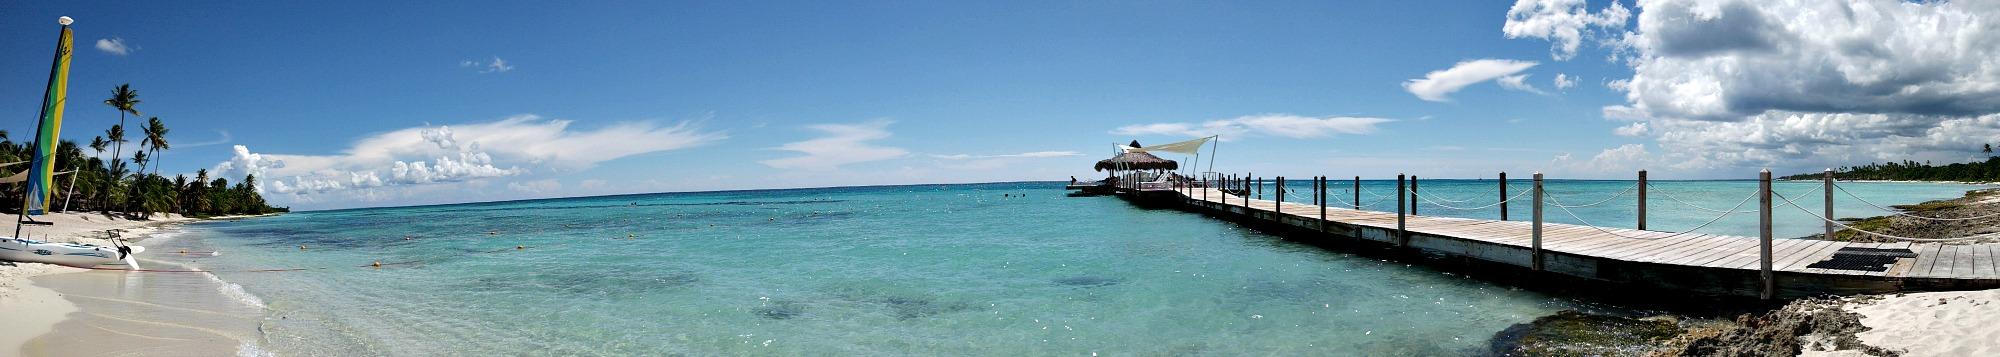 Panorama Cadaqués Caribe Resort